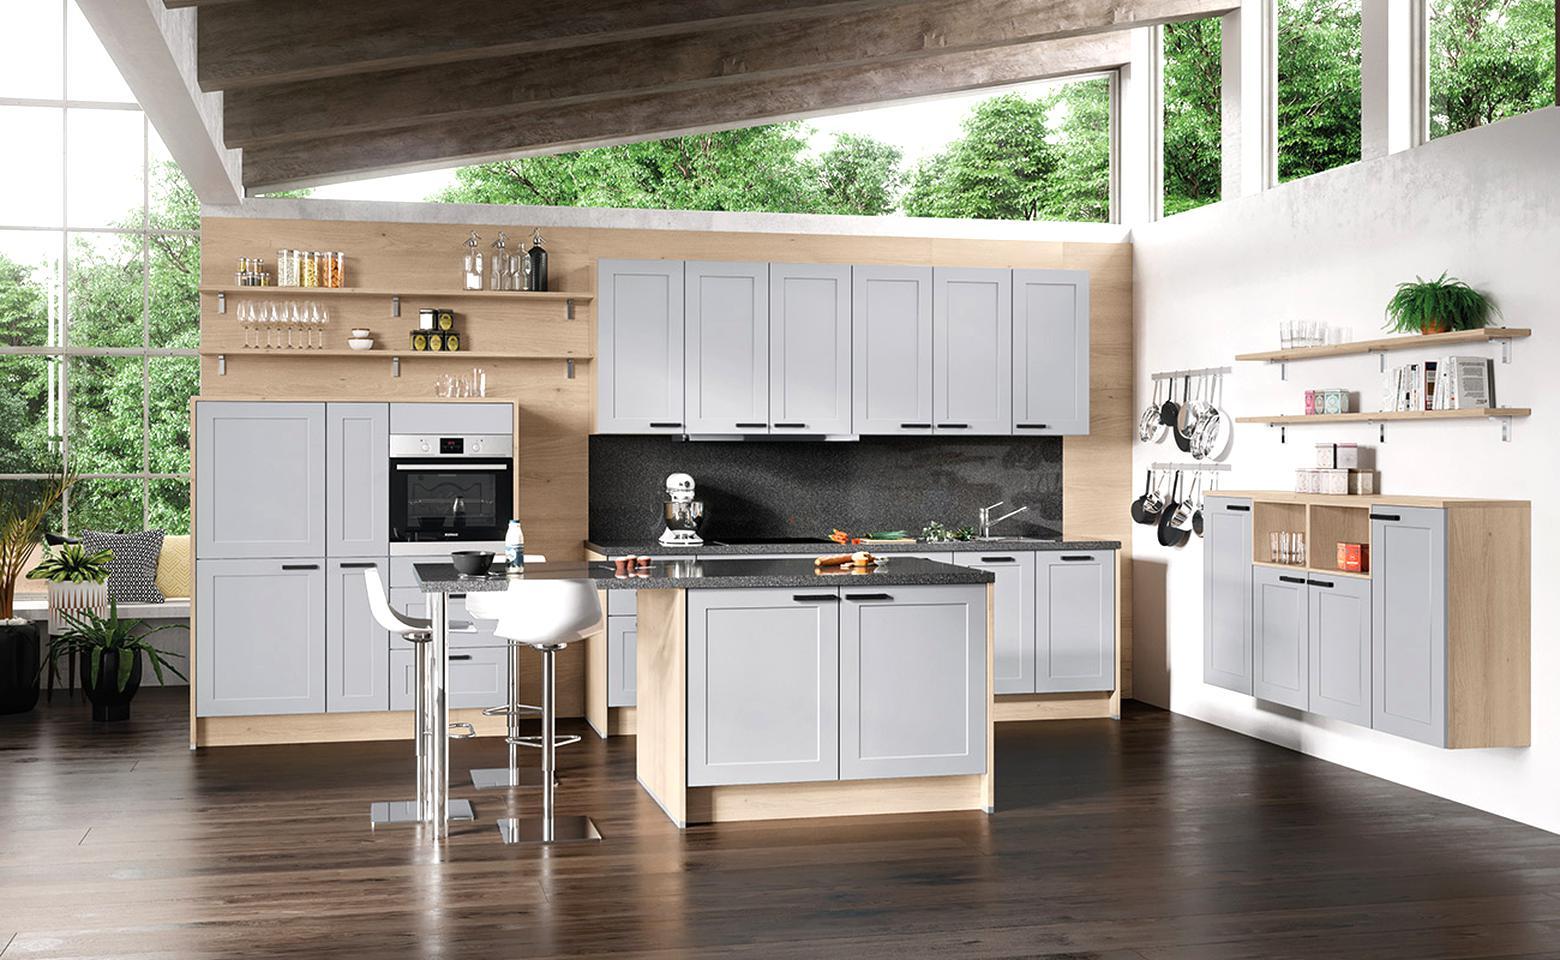 Full Size of Kchen Gnstig Mit E Gerten Amazon Roller Ohne Khlschrank Ikea Regale Küchen Regal Wohnzimmer Roller Küchen